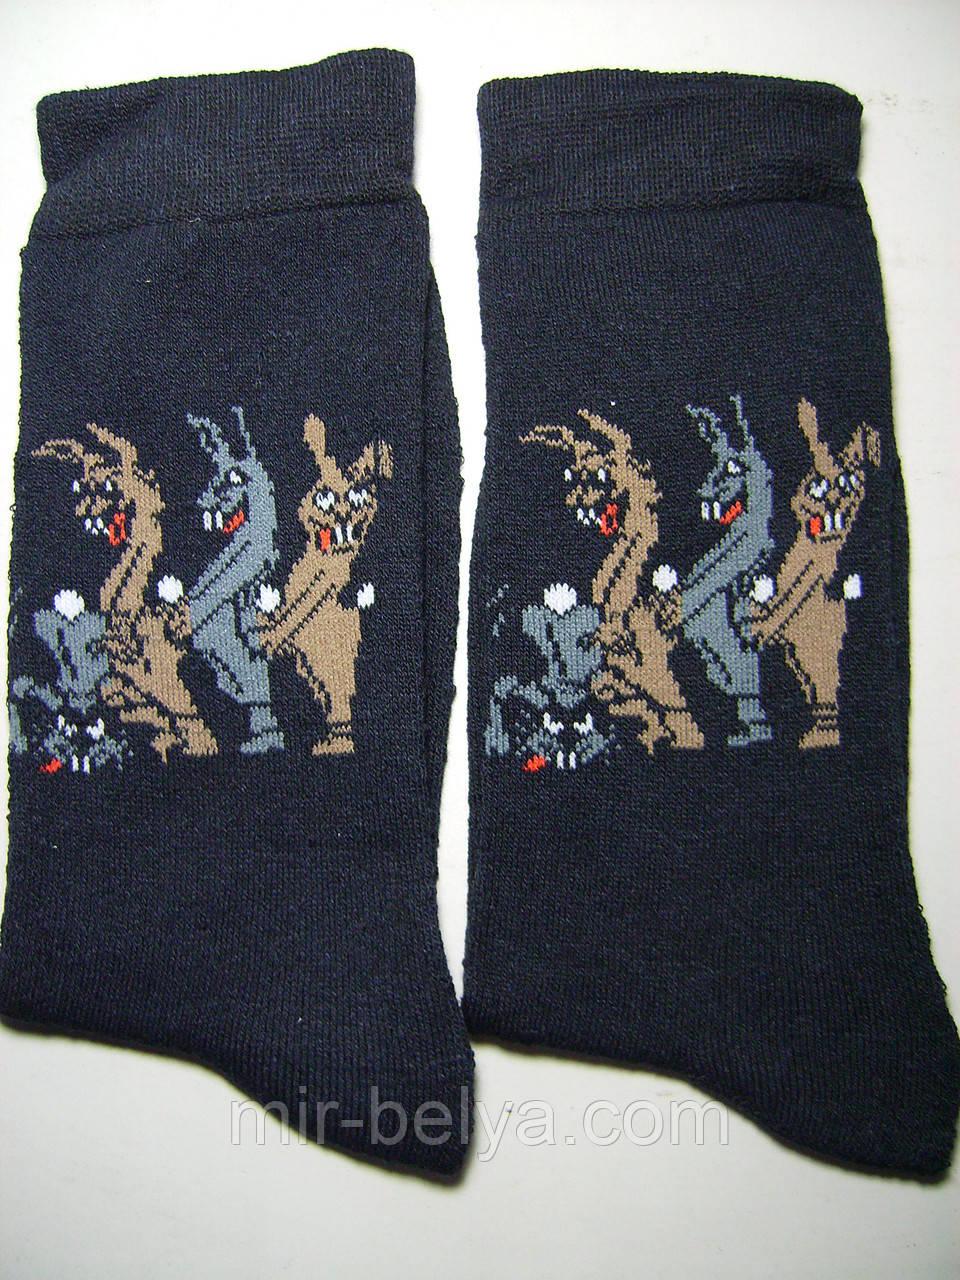 5e7a63788e228 Мужские новогодние носки с приколом теплые , цена 60 грн., купить ...